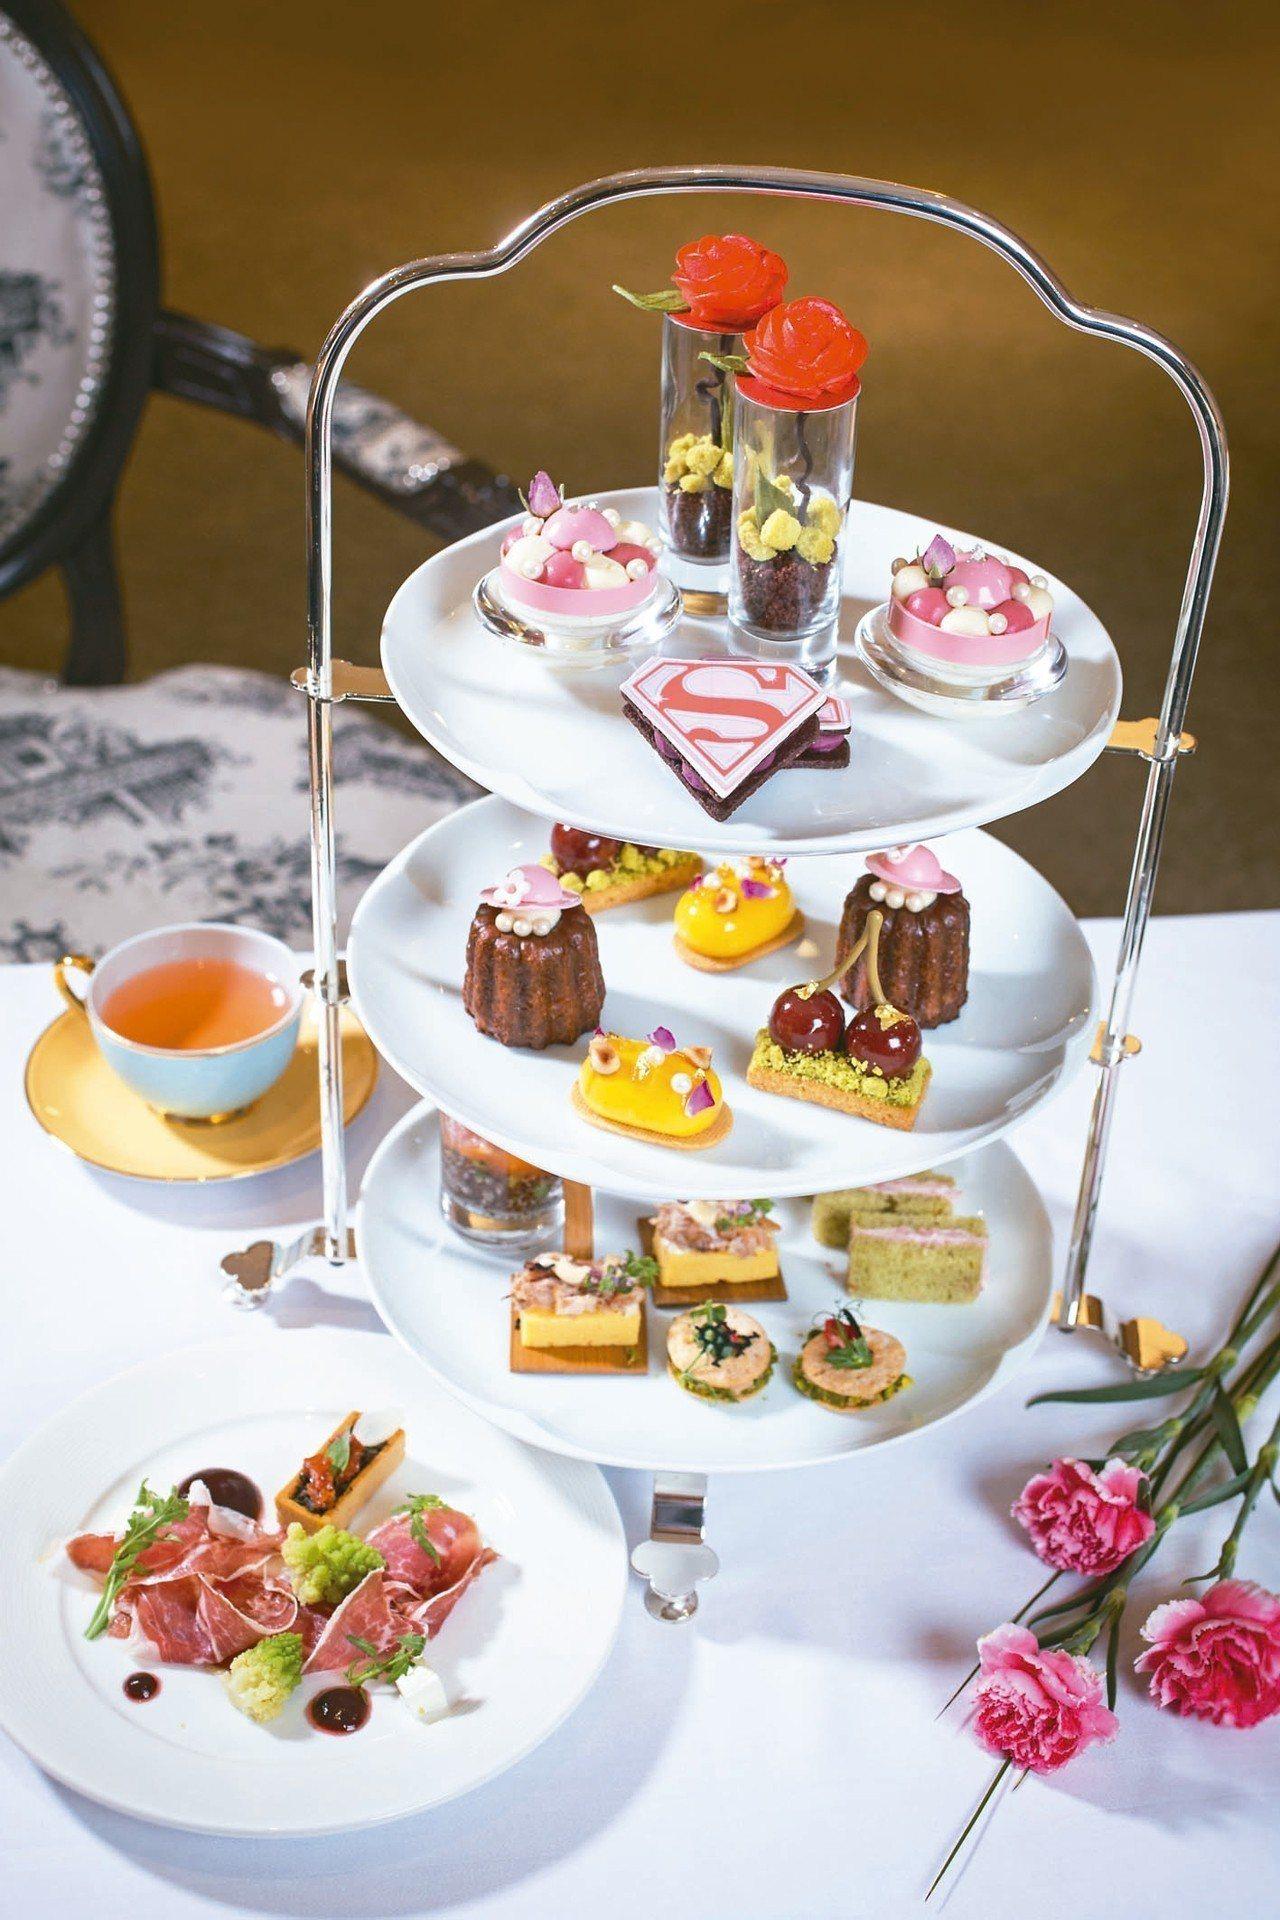 「女力萬歲」下午茶套雙人套餐,每套1680元+10%。 圖/台北君悅酒店提供